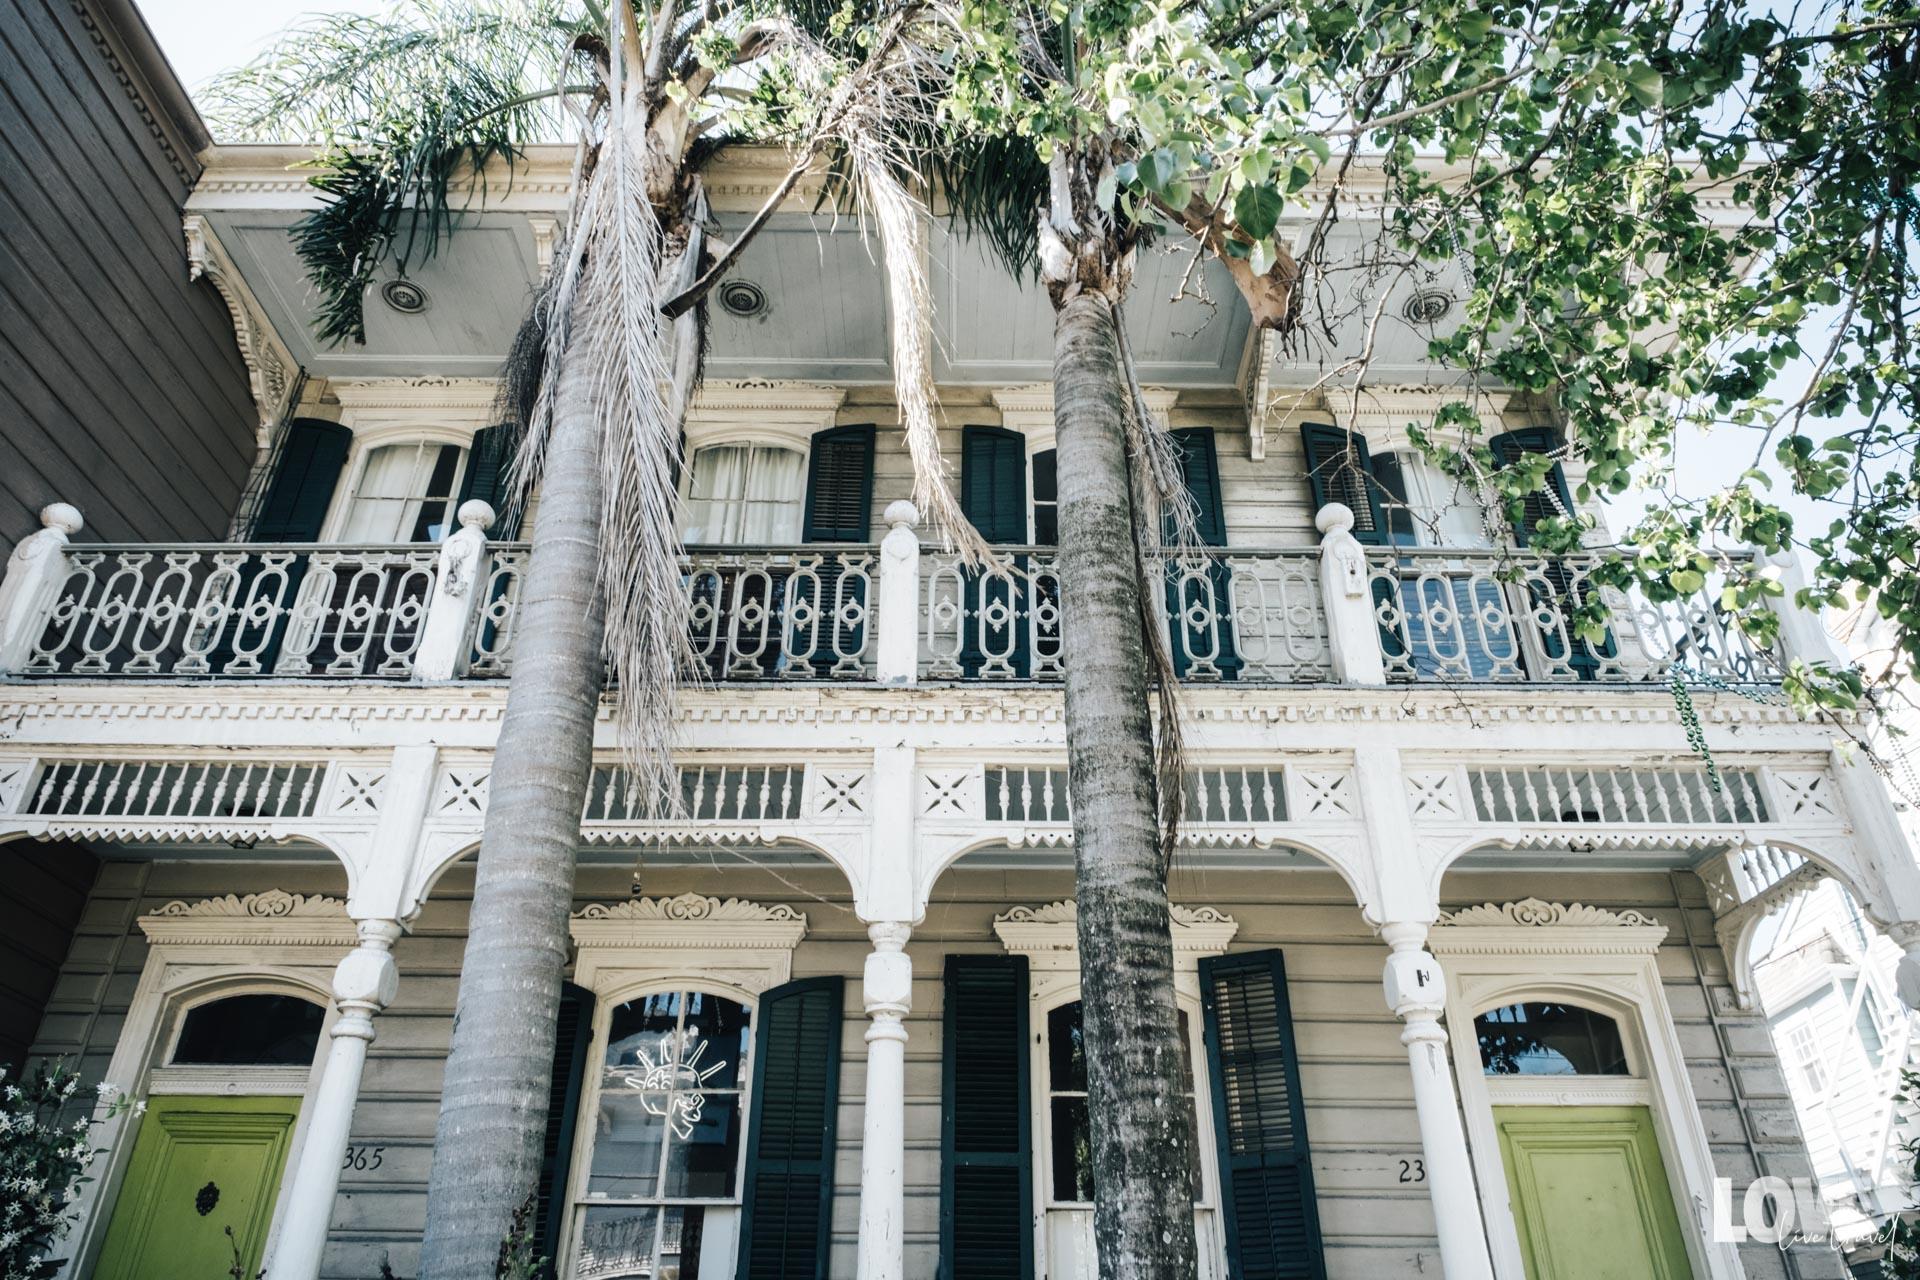 Etats-Unis, Louisiane : découvrir La Nouvelle-Orleans en 3 jours blog voyage et lifestyle lovelivetravel